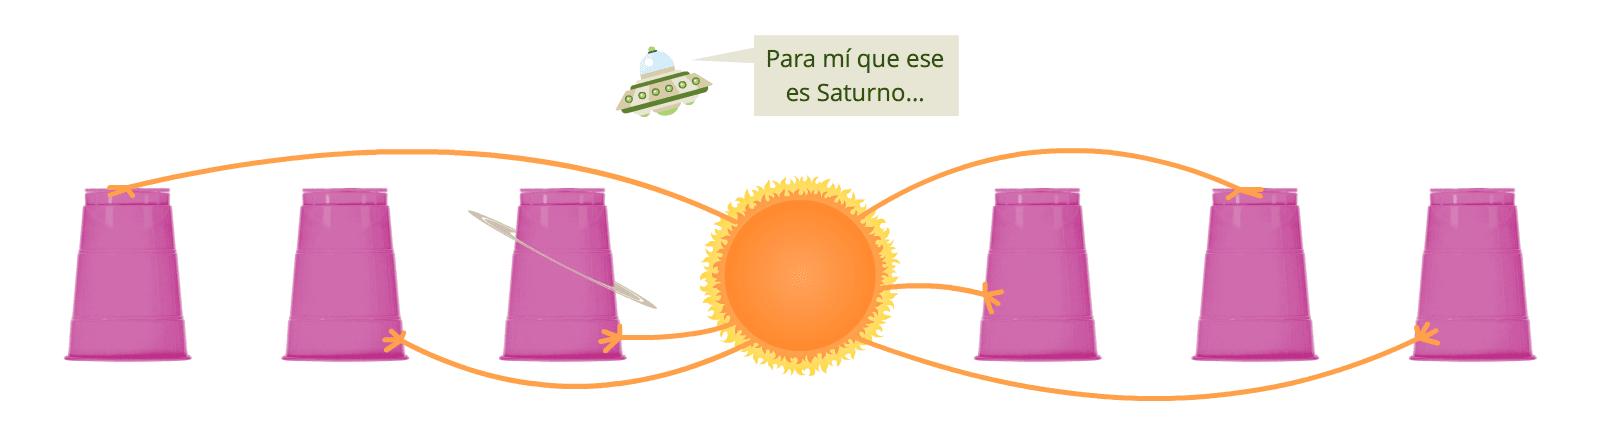 El Sol tratando de proteger a la Tierra de una invasión alienígena